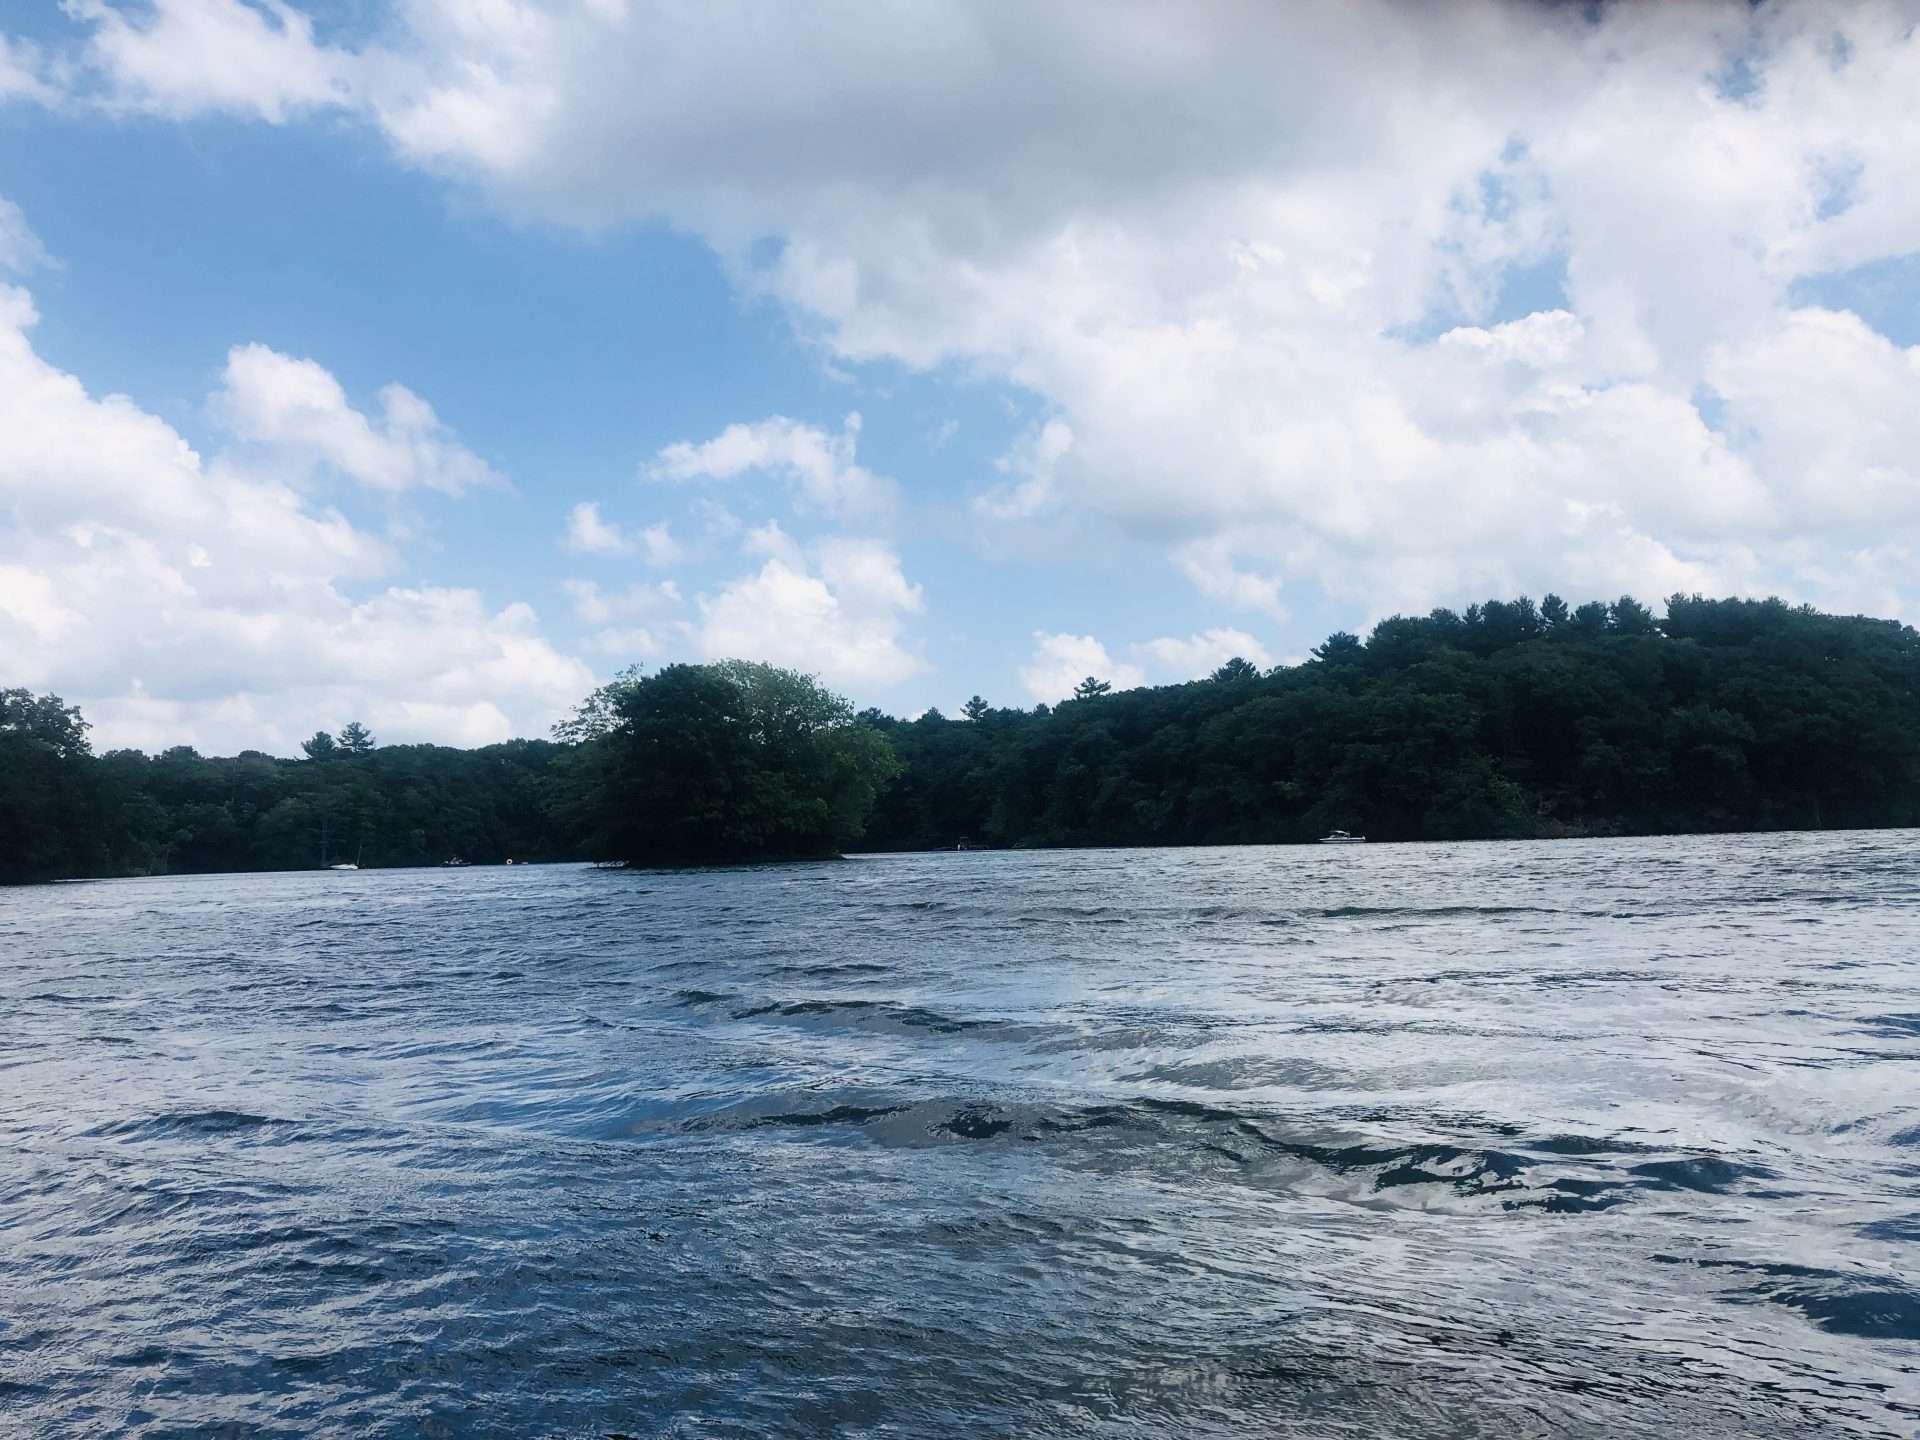 lake cochituate